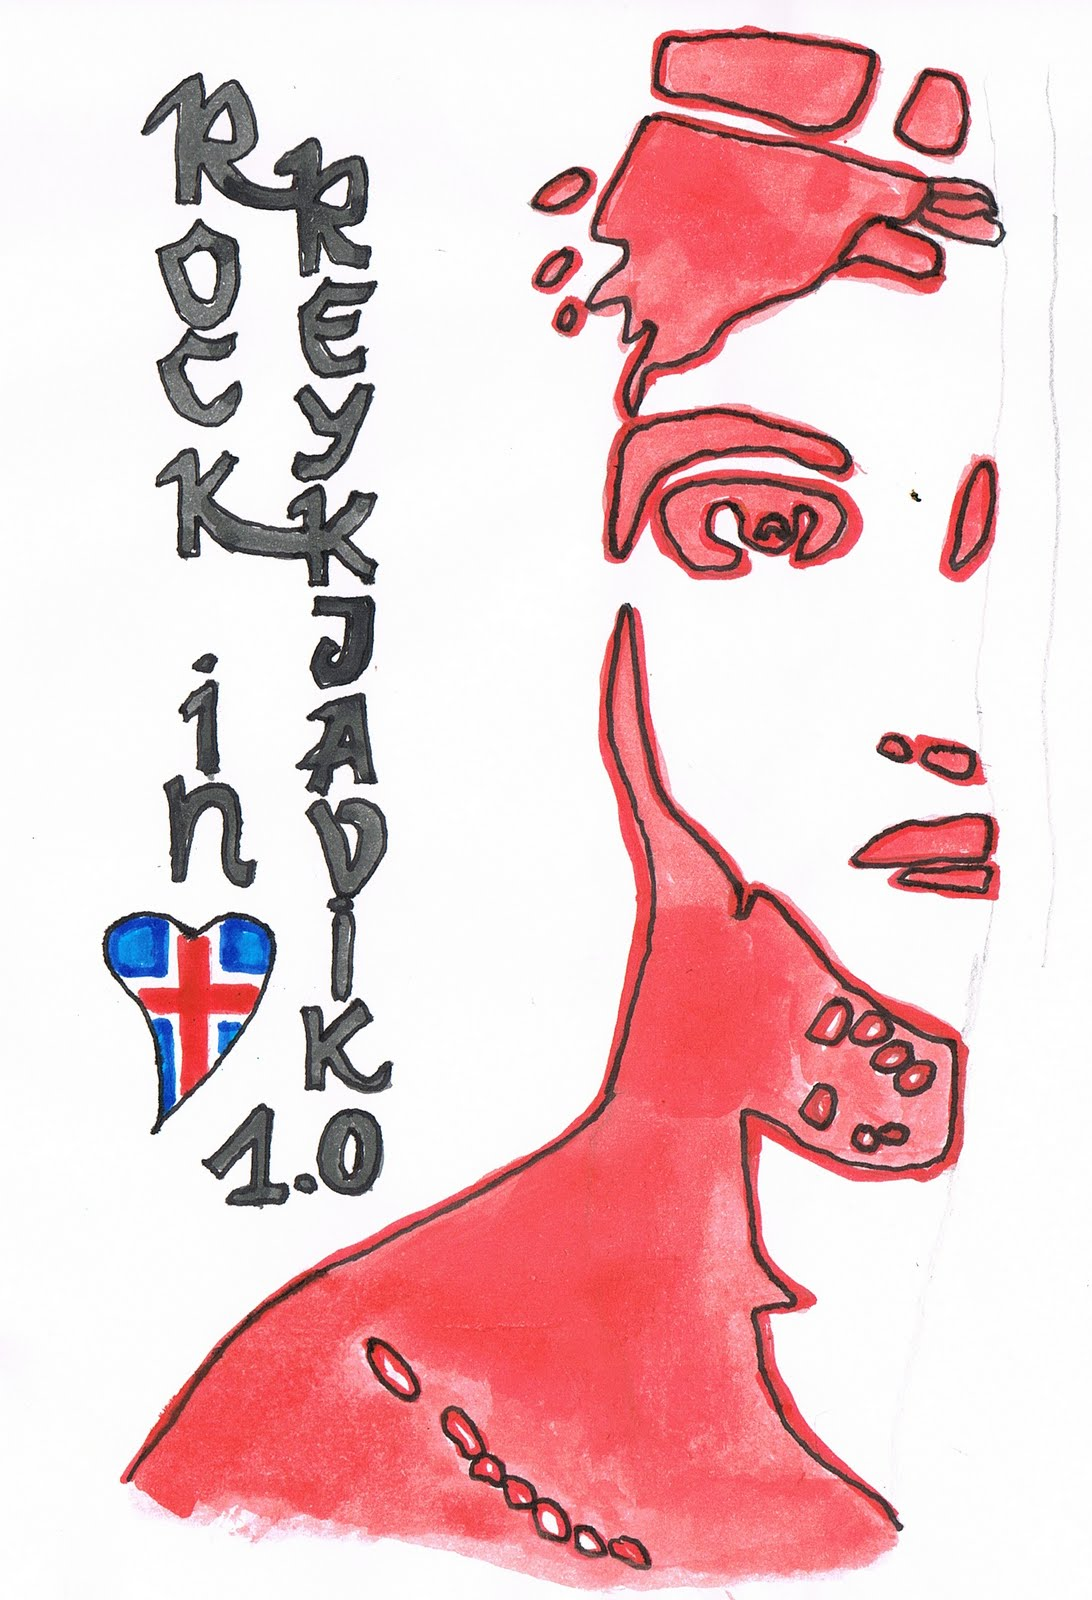 Rokk i Reykjavik 2.0